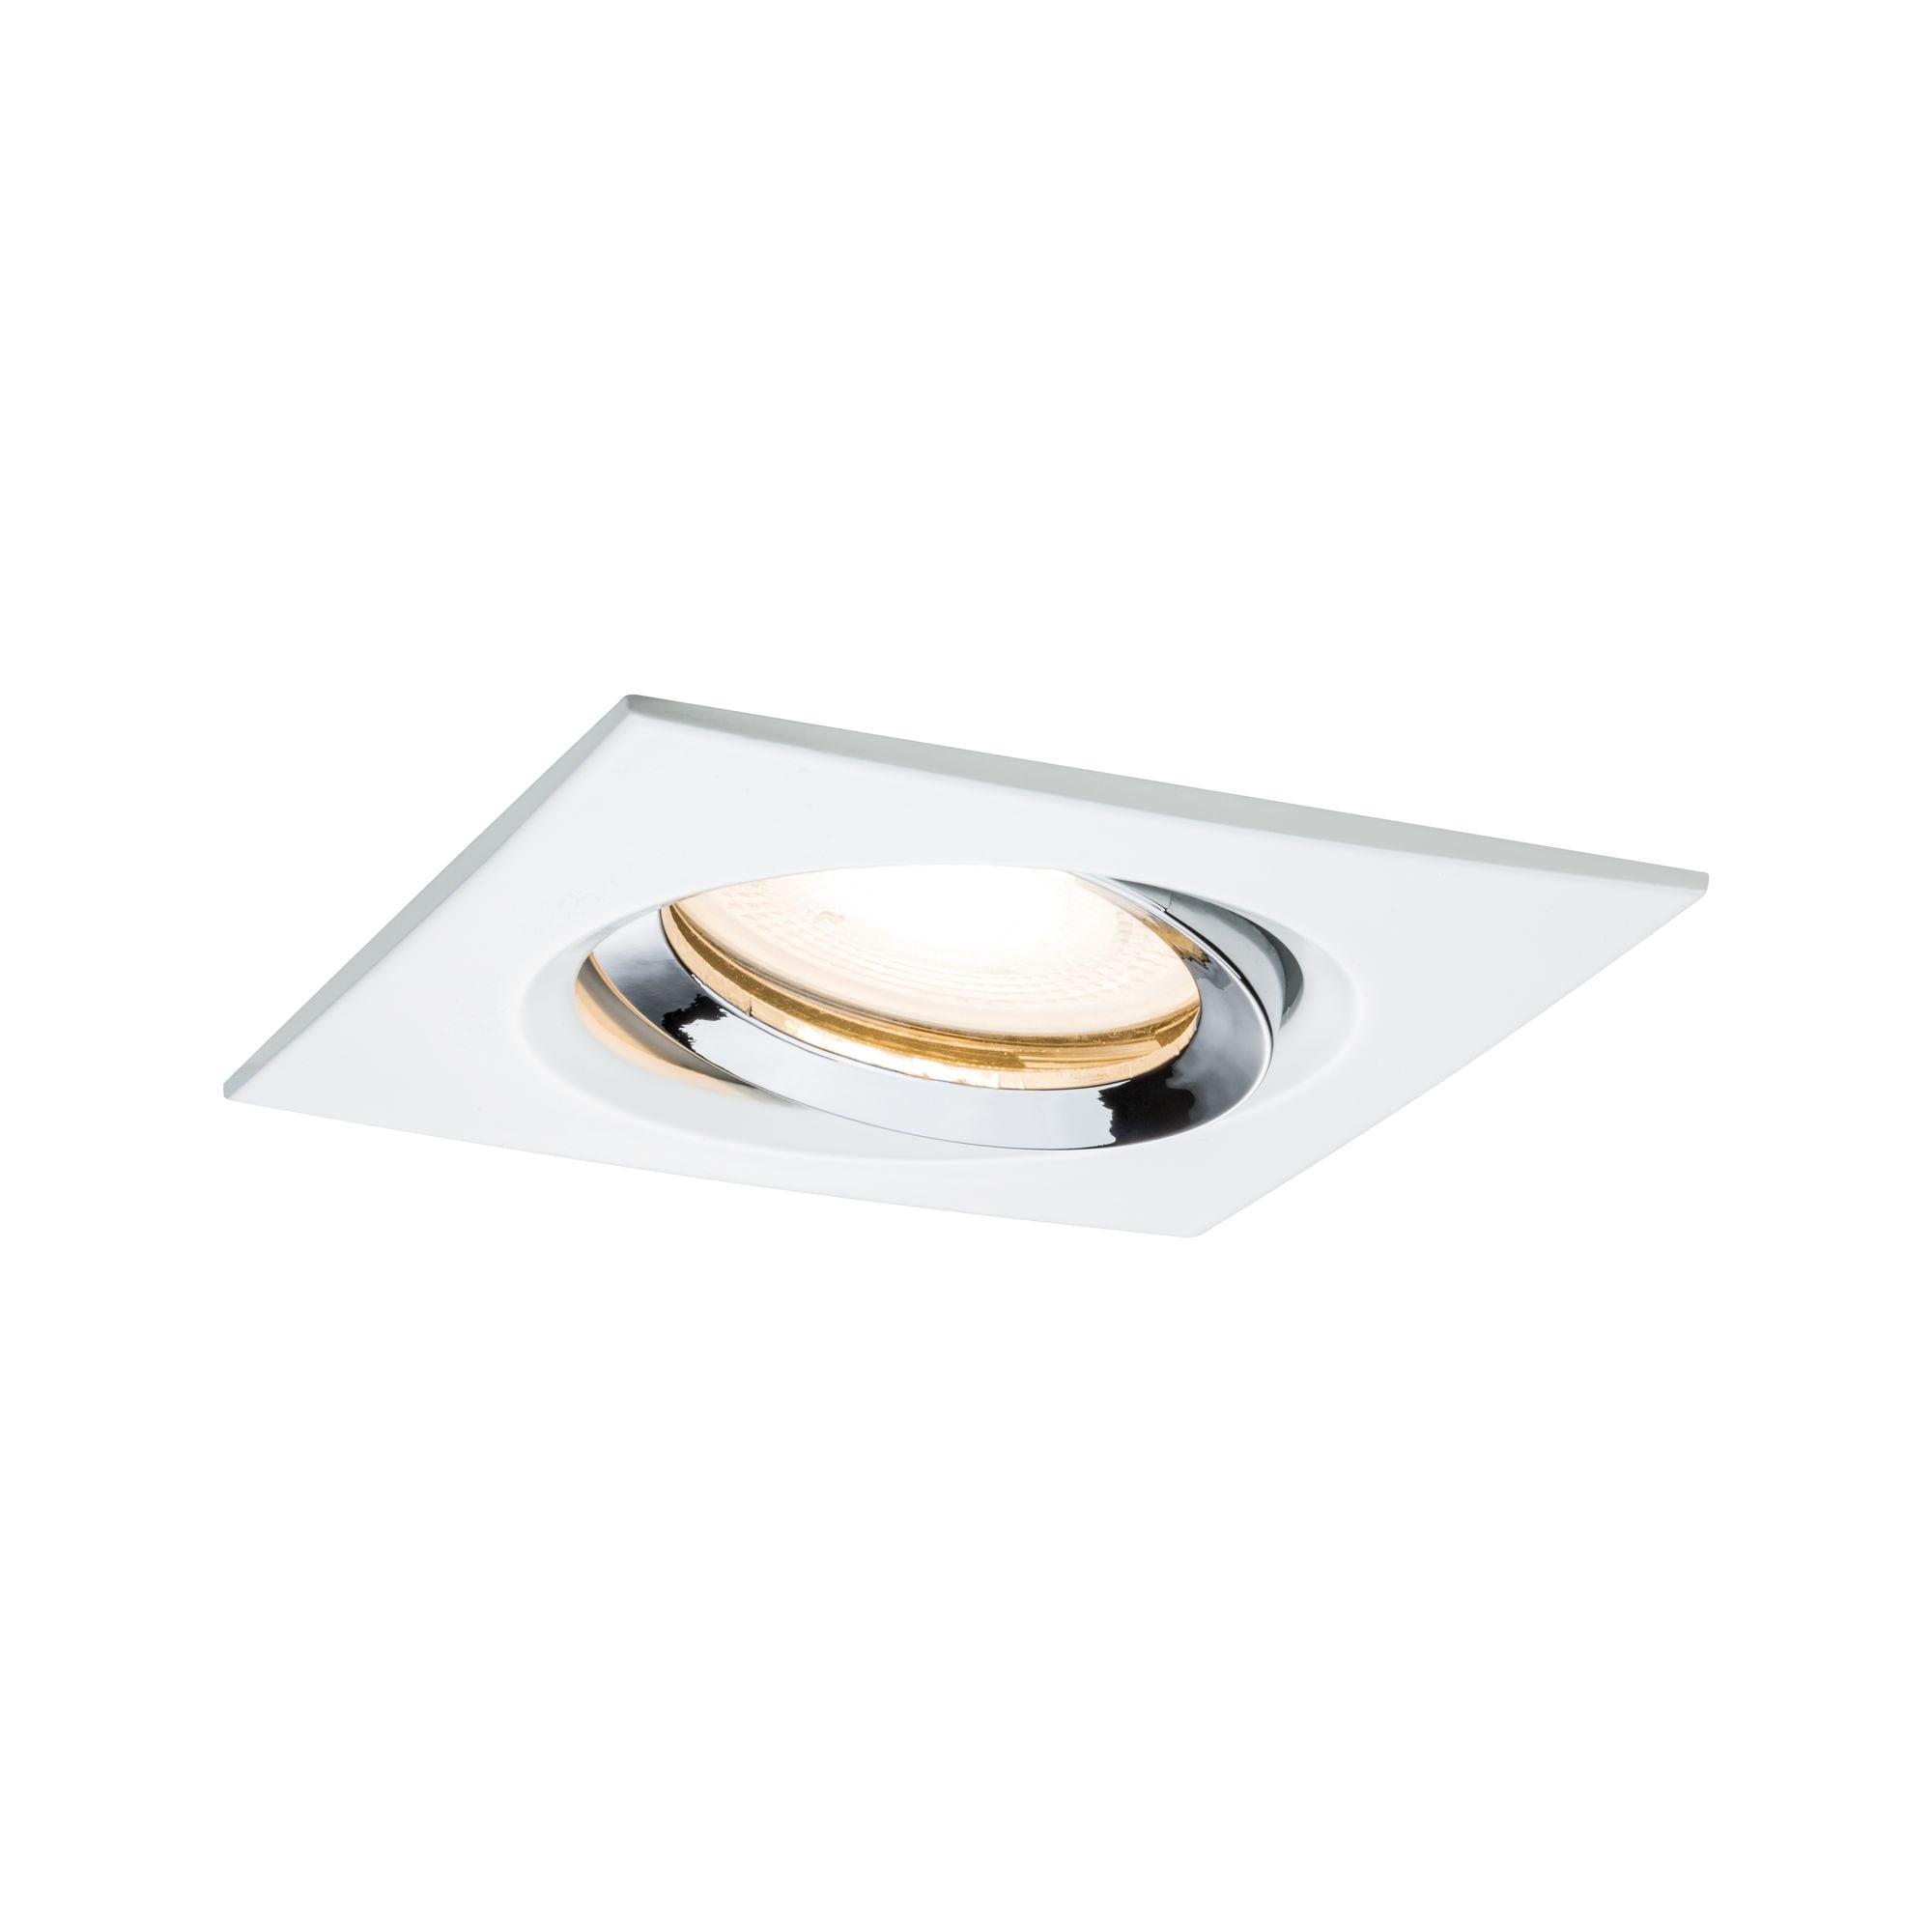 Paulmann,LED Einbaustrahler Nova IP65 eckig max. 35W GU10/GU5,3 Weiß/Chrom schwenkbar